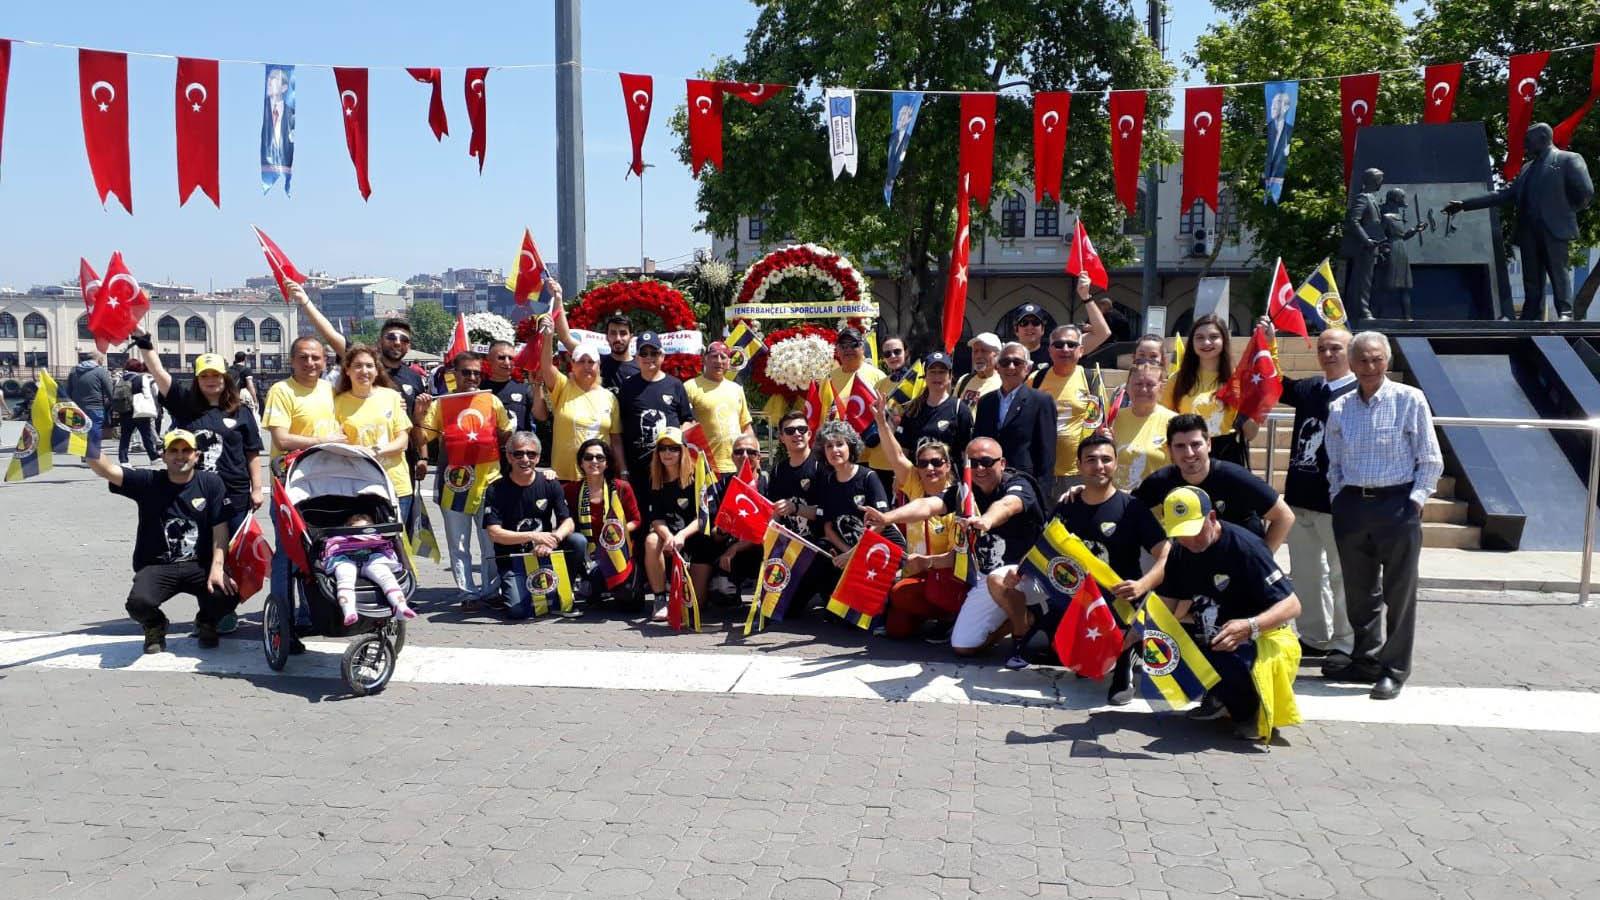 Fenerbahçeli Sporcular Yardımlaşma Derneği'nden 19 Mayıs etkinliği